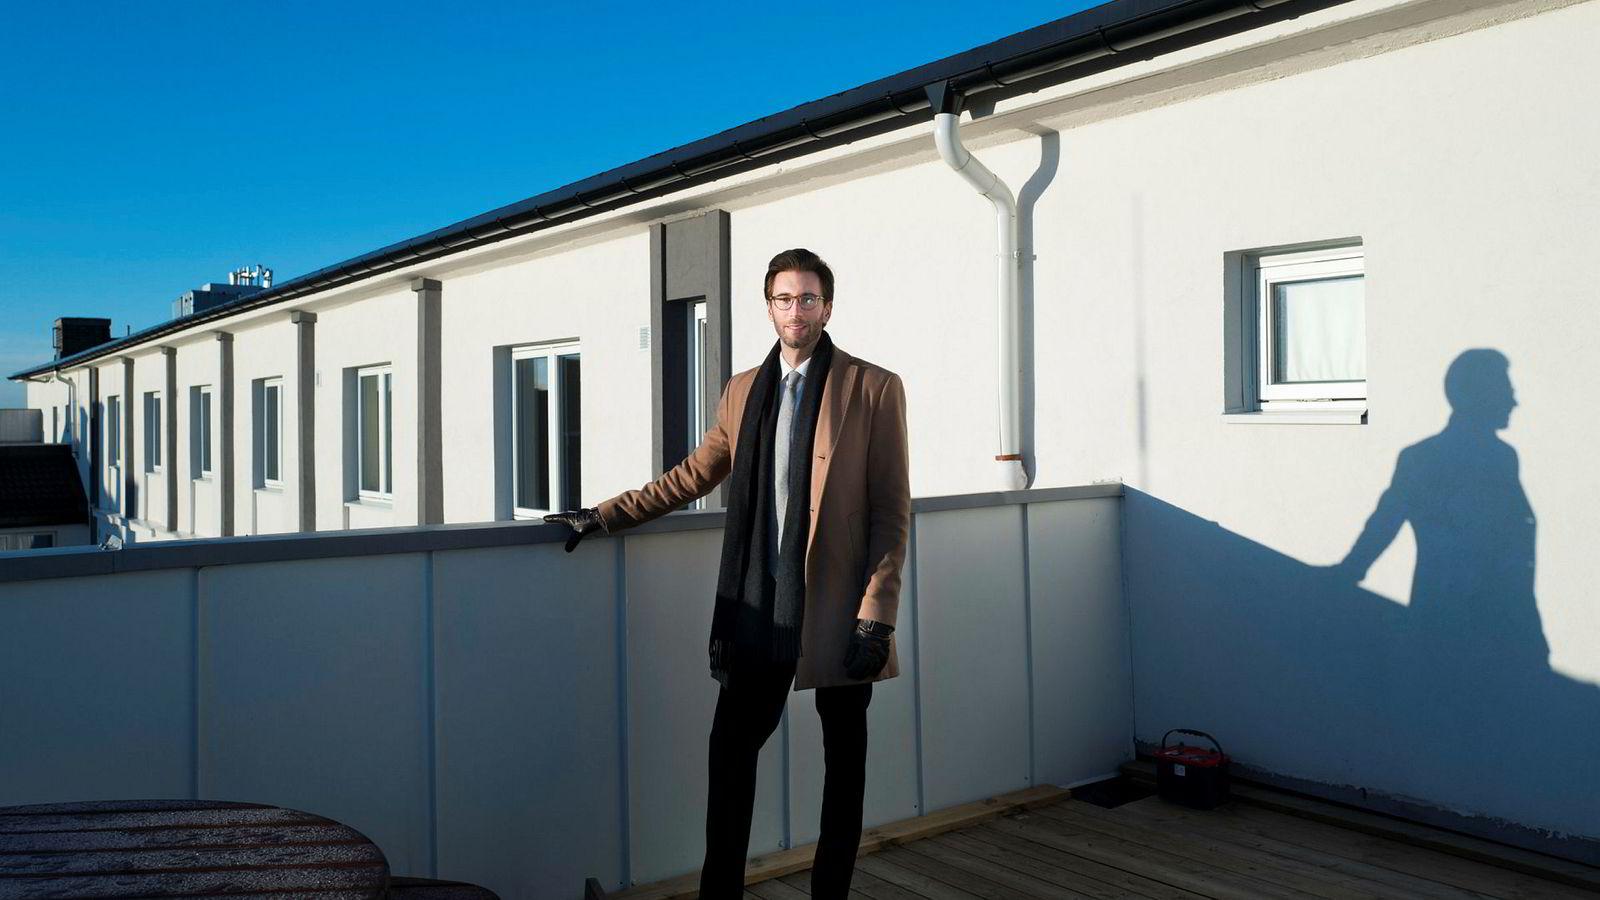 Eiendomsmegler Konstantin Karlsson i Nordvik bolig har solgt rundt 20 små leiligheter i borettslaget i Stavangergata på Bjølsen i år. Han er ikke bekymret for at høye kvadratmeterpriser skal skremme bort kjøpere når det går tregere i boligmarkedet.